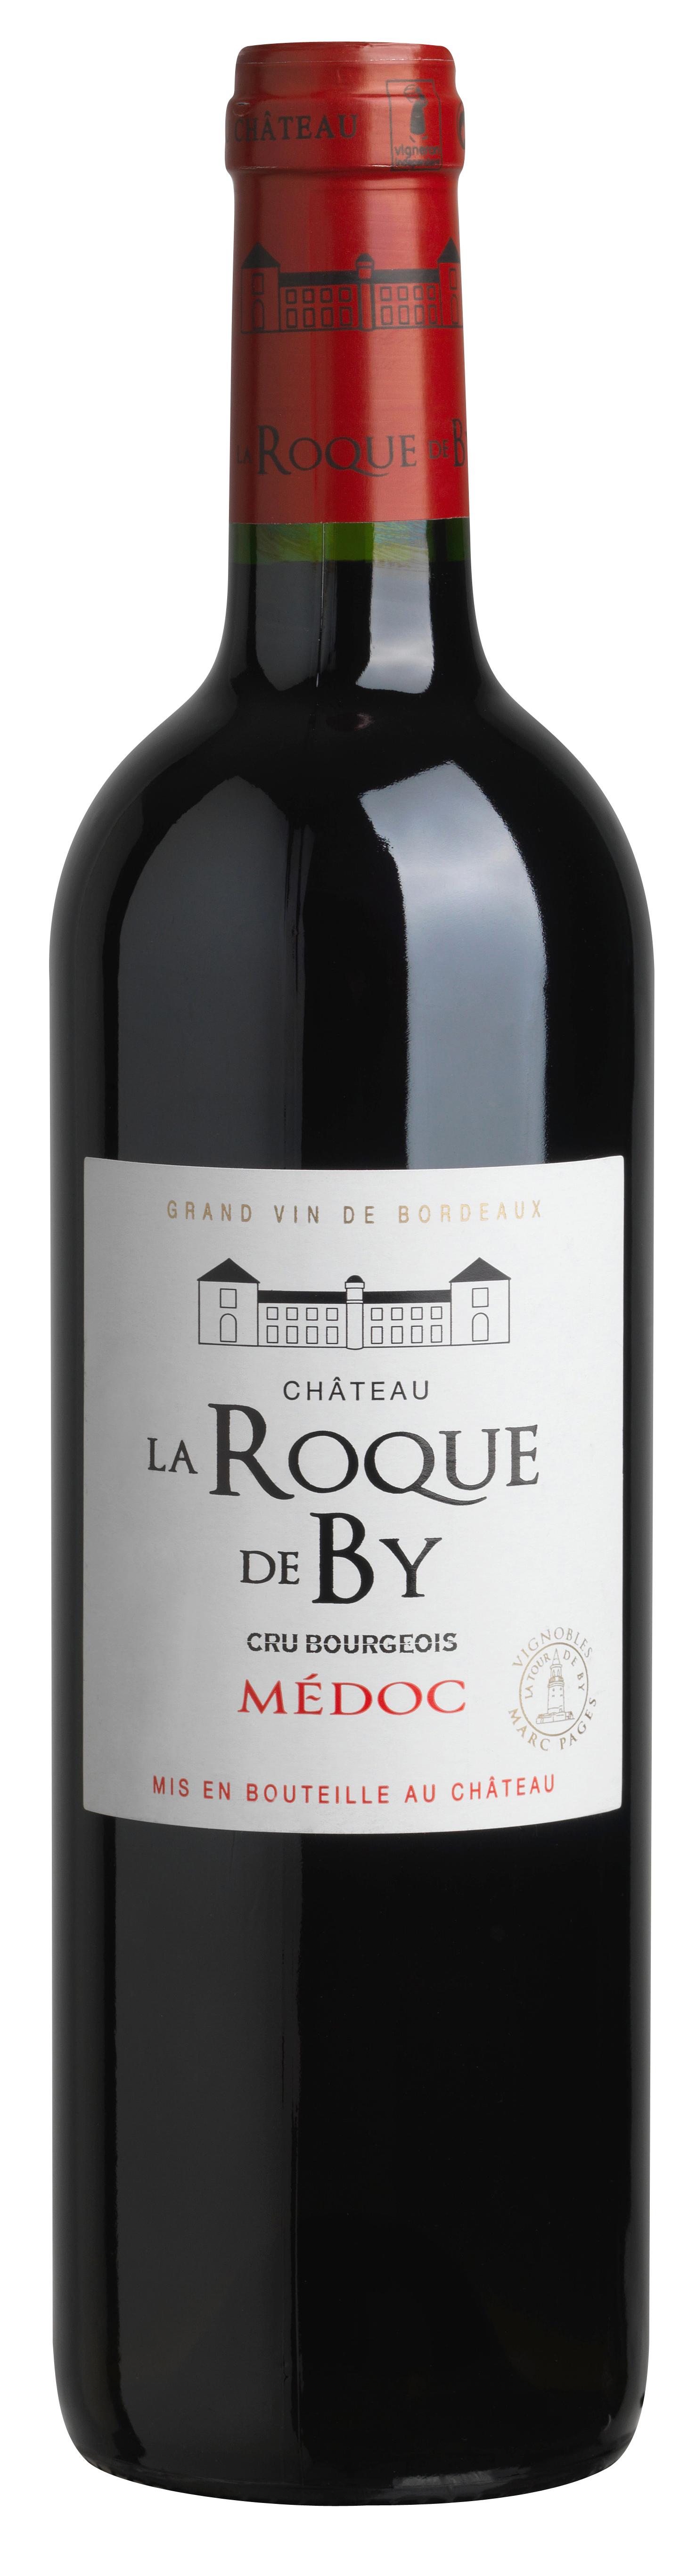 Château La Roque de By